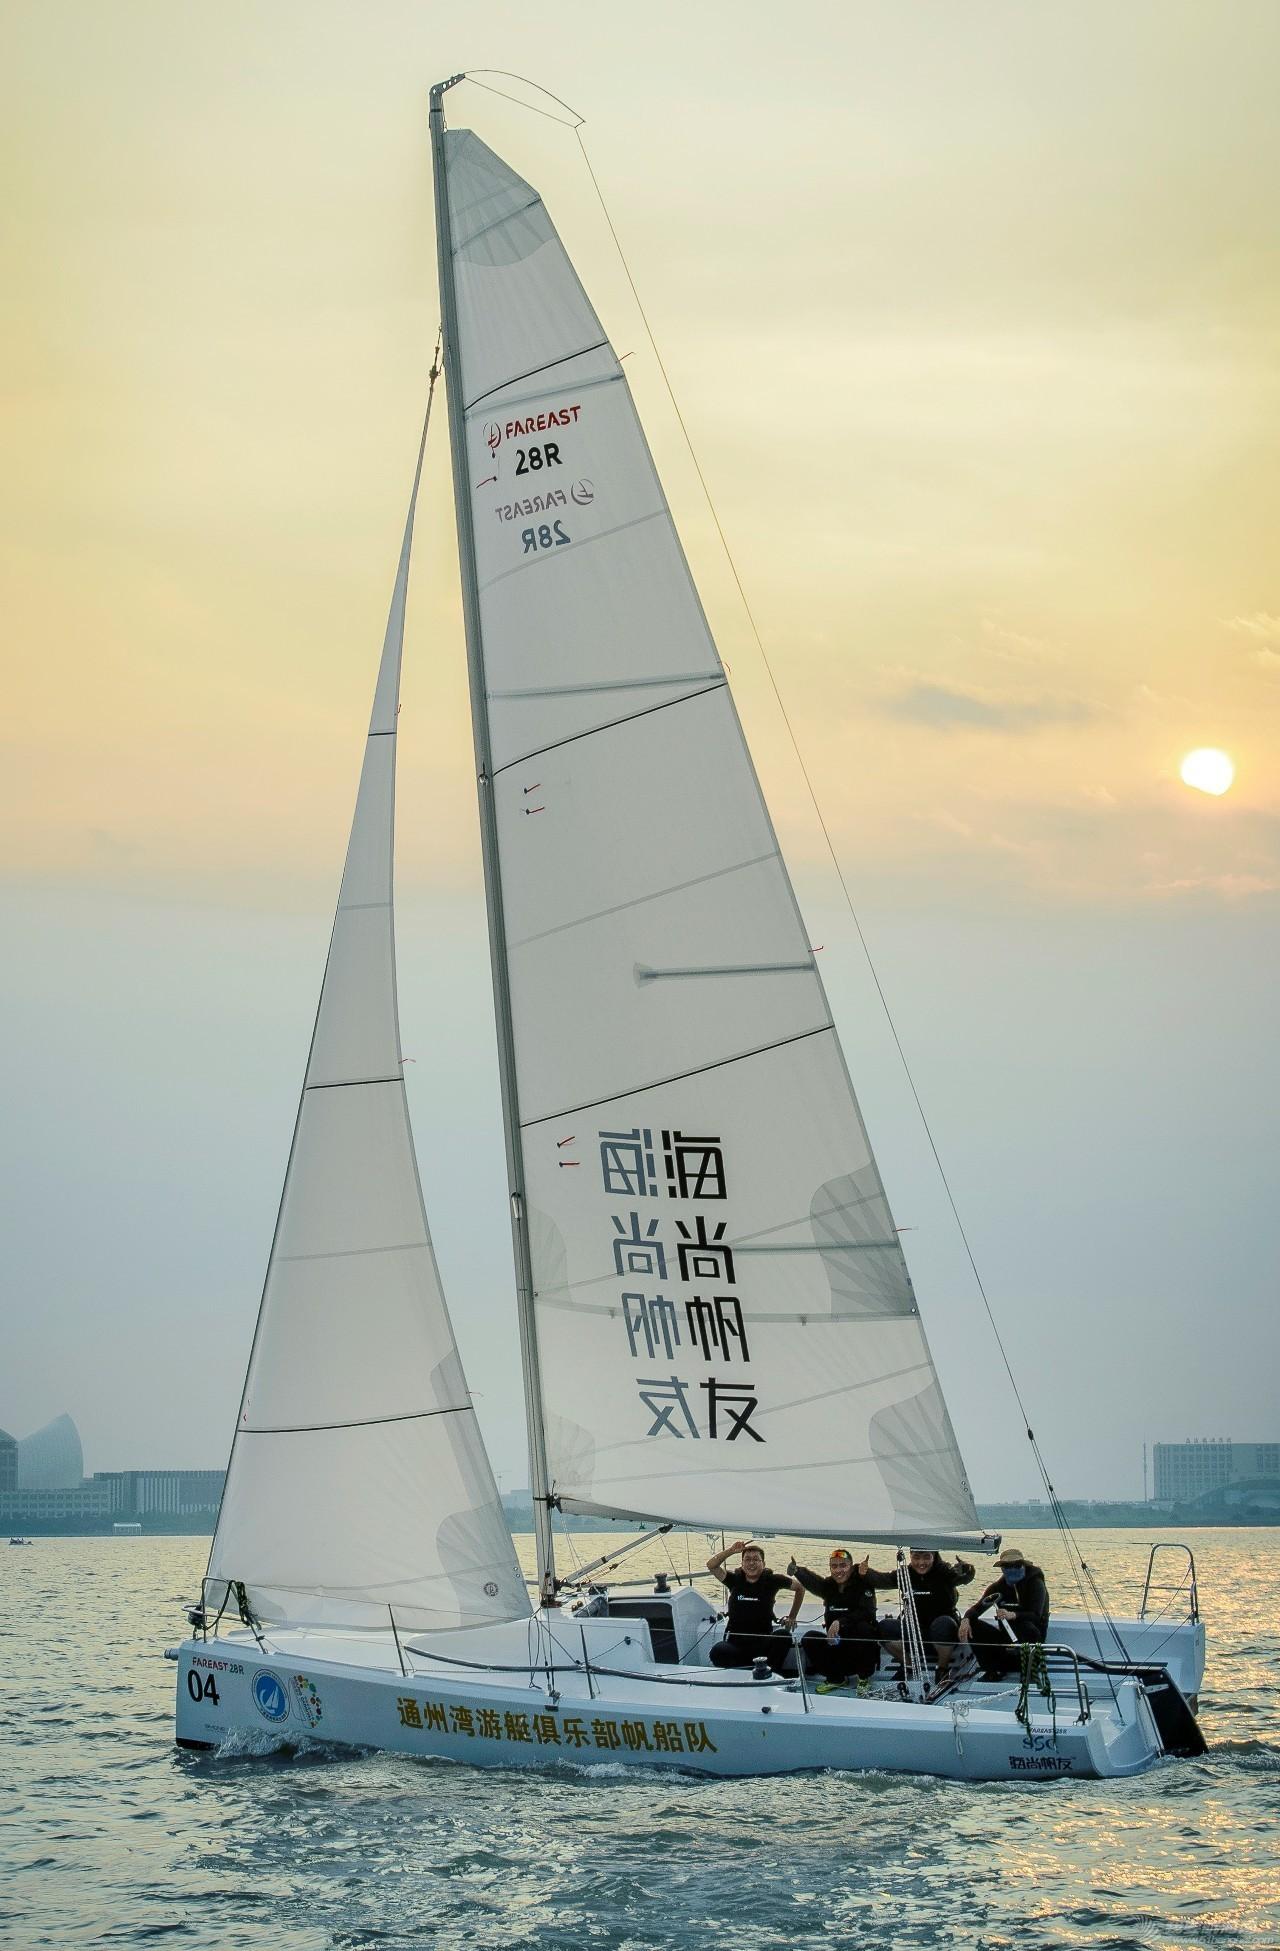 珐伊杯国际帆船大奖赛点将台(二) 15dd4a49fd13f575c1a4776c64c73cdb.jpg